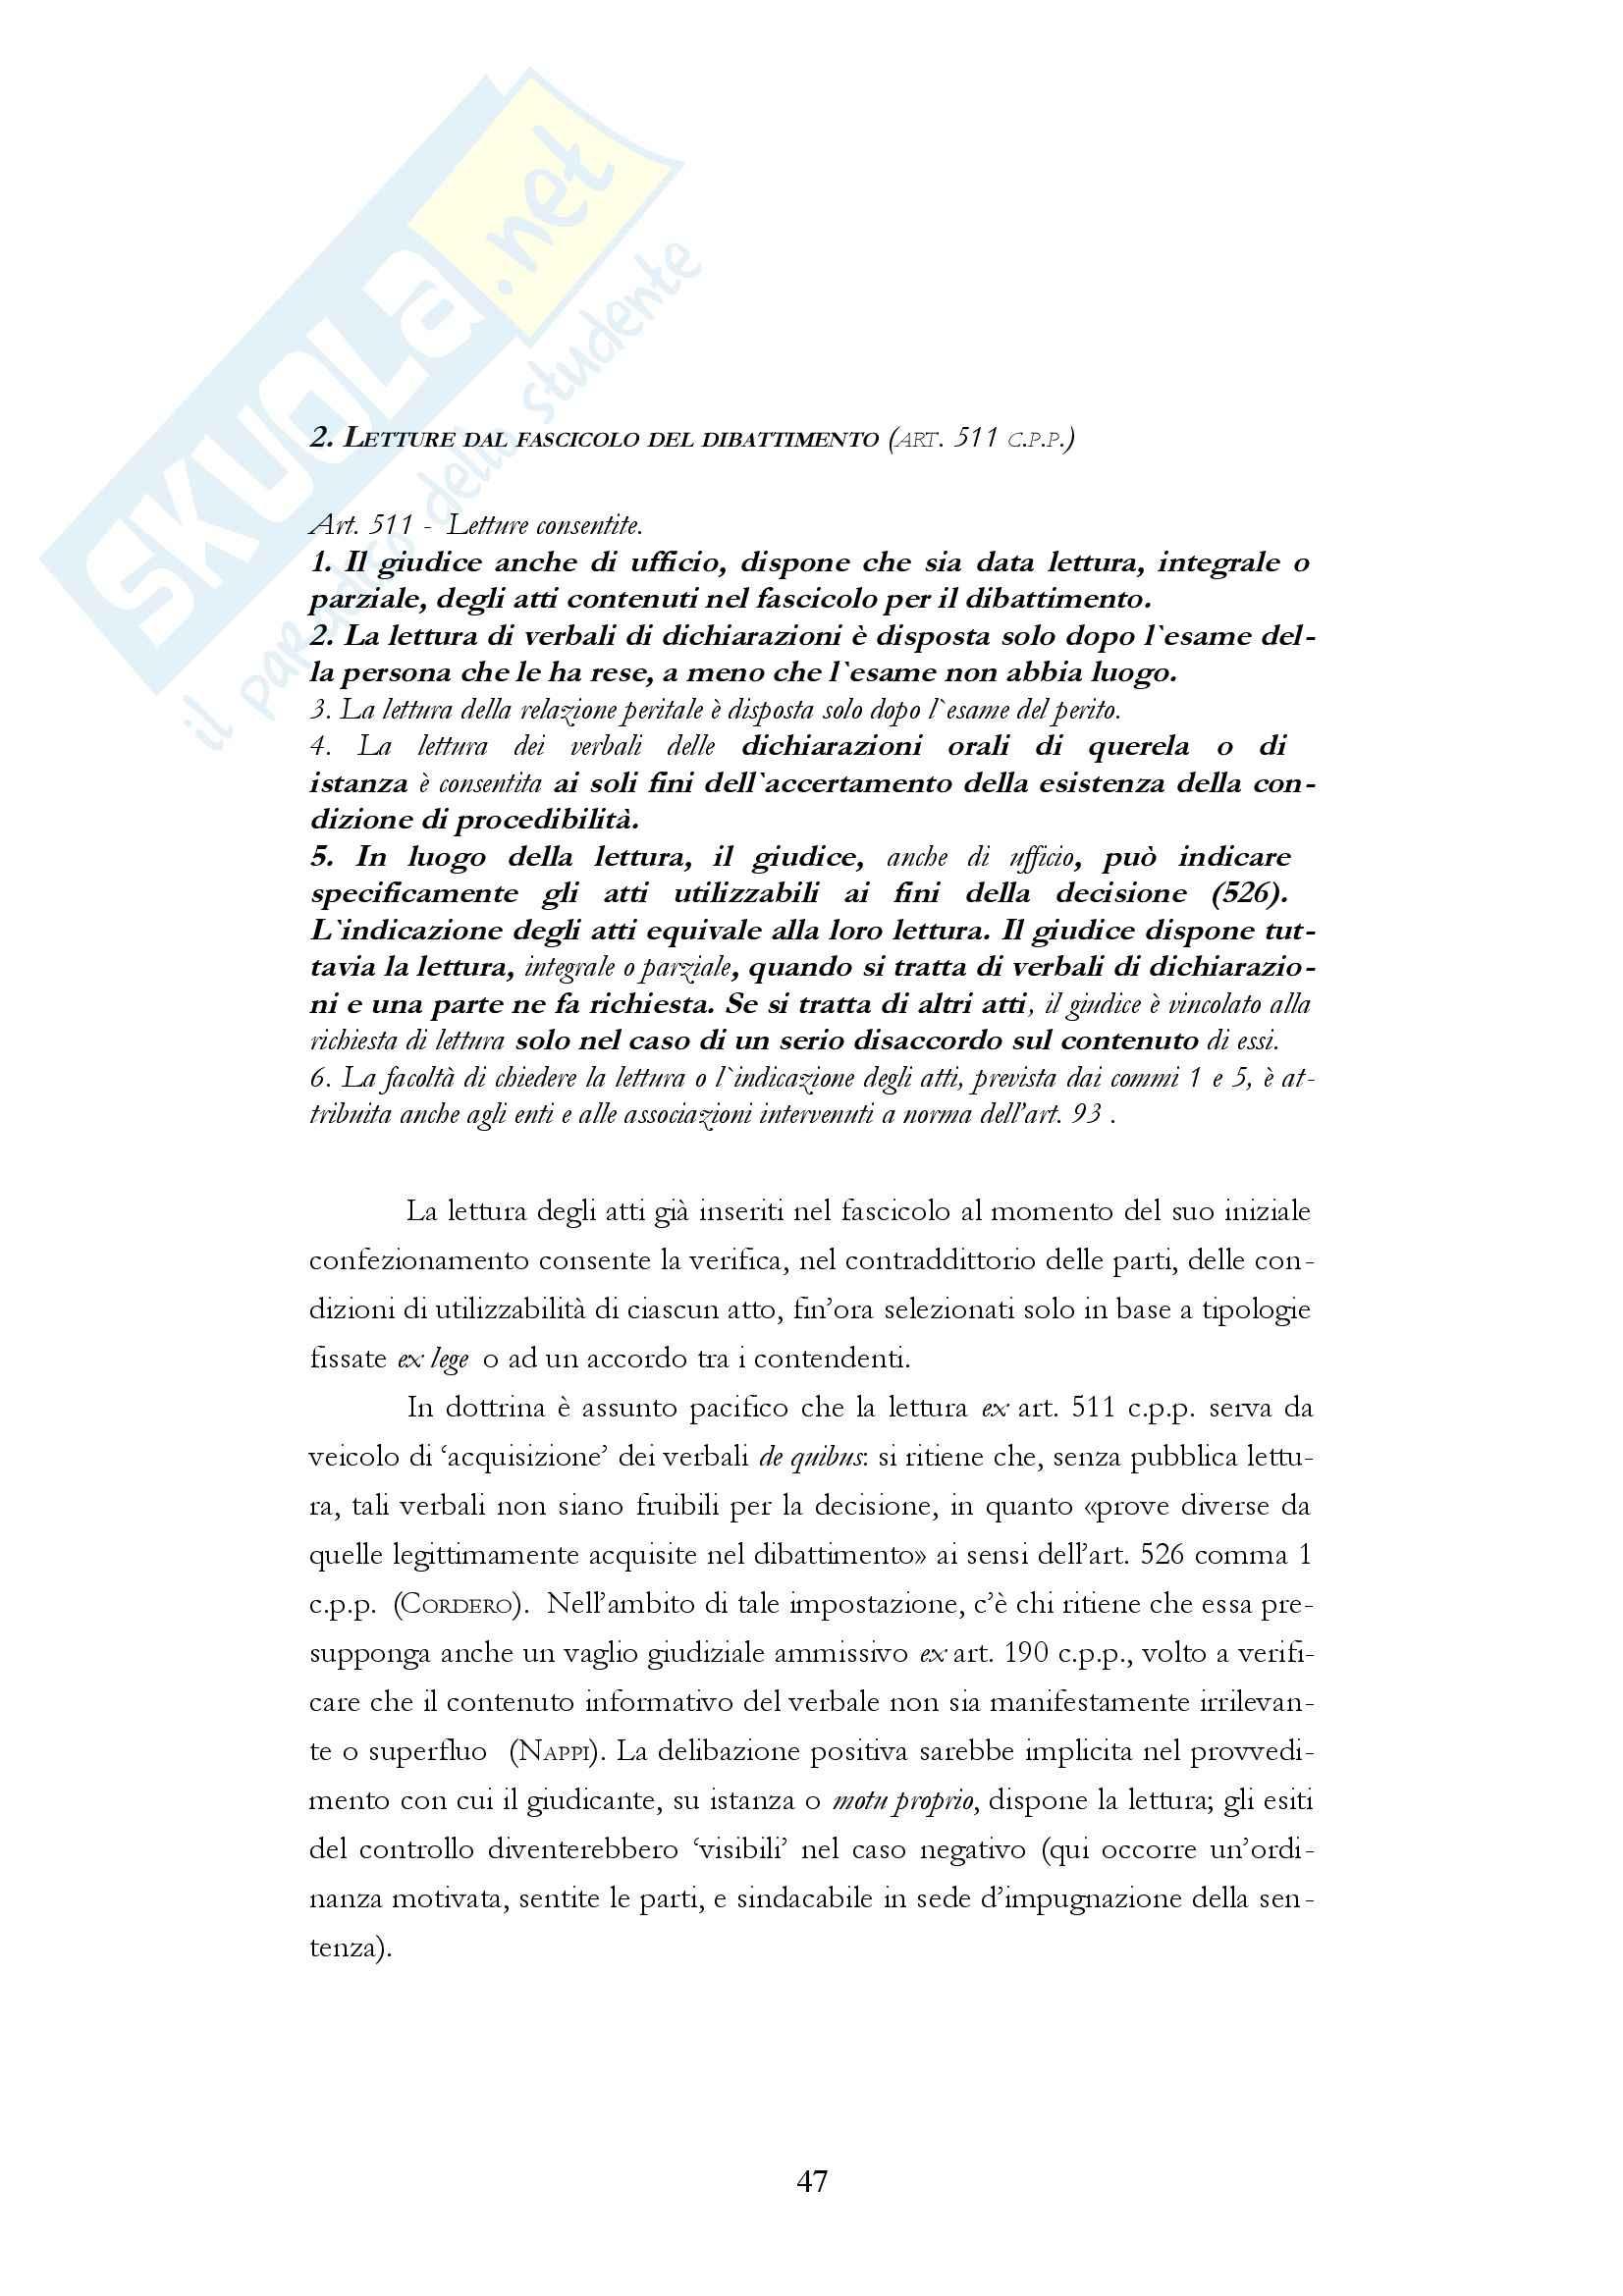 Diritto processuale penale - i fascicoli del processo penale Pag. 46